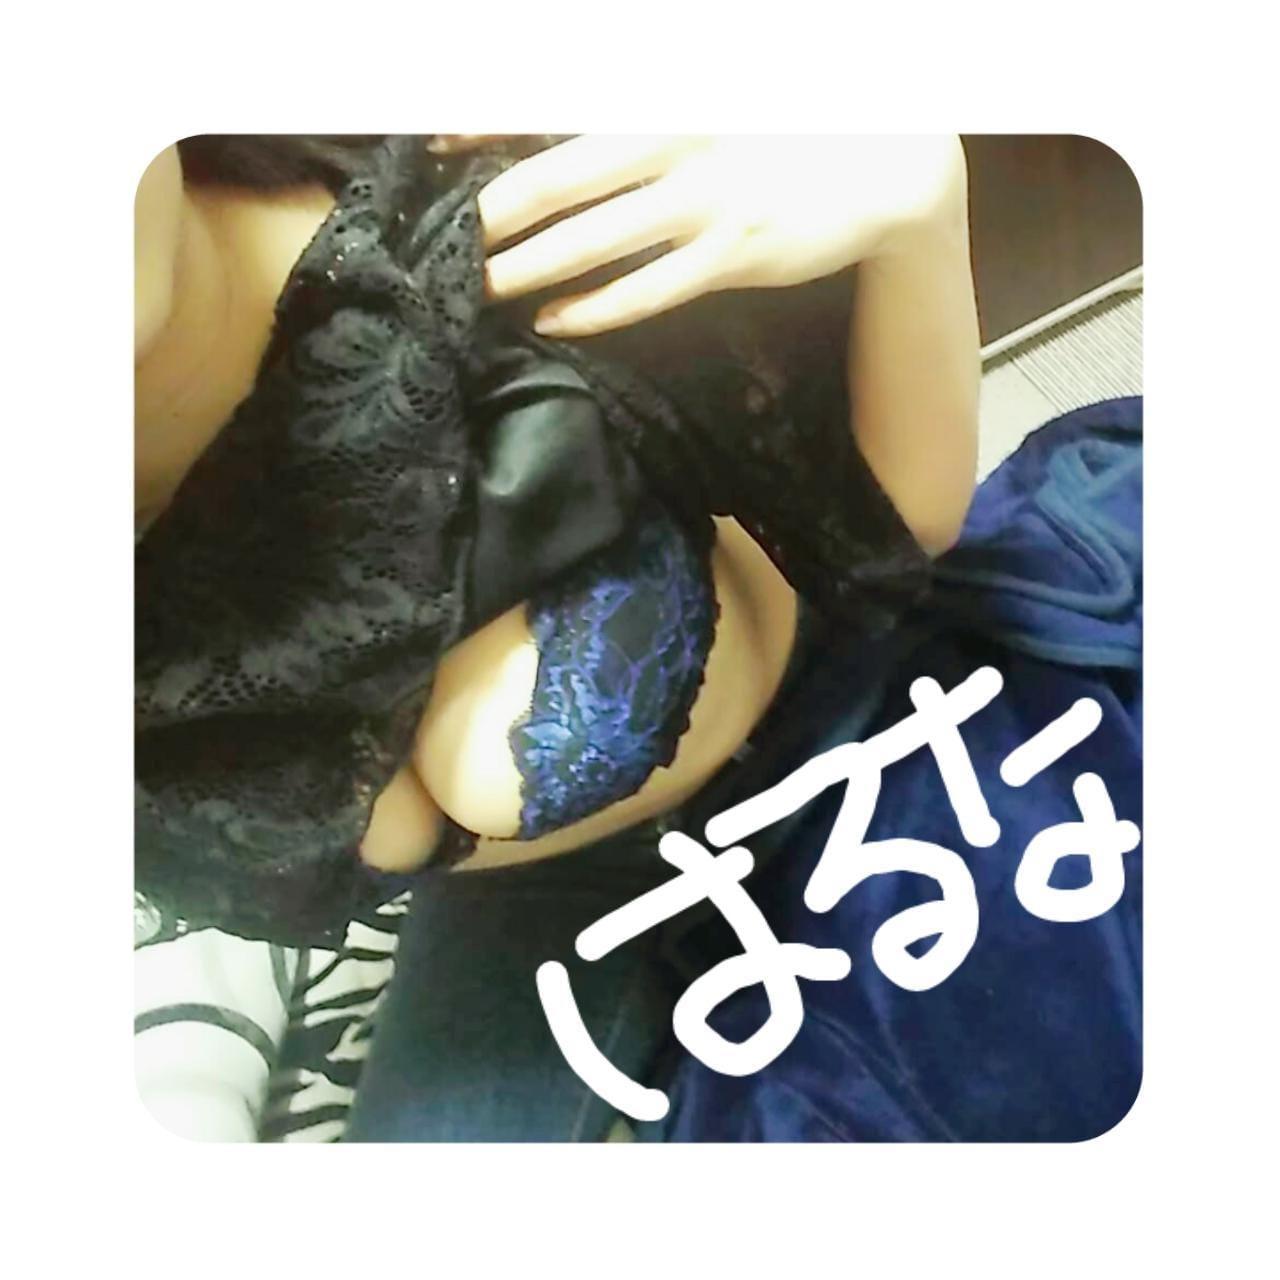 「出勤?  明日はお休み_(:3 」∠)_」04/19(木) 15:15 | 水城はるなの写メ・風俗動画